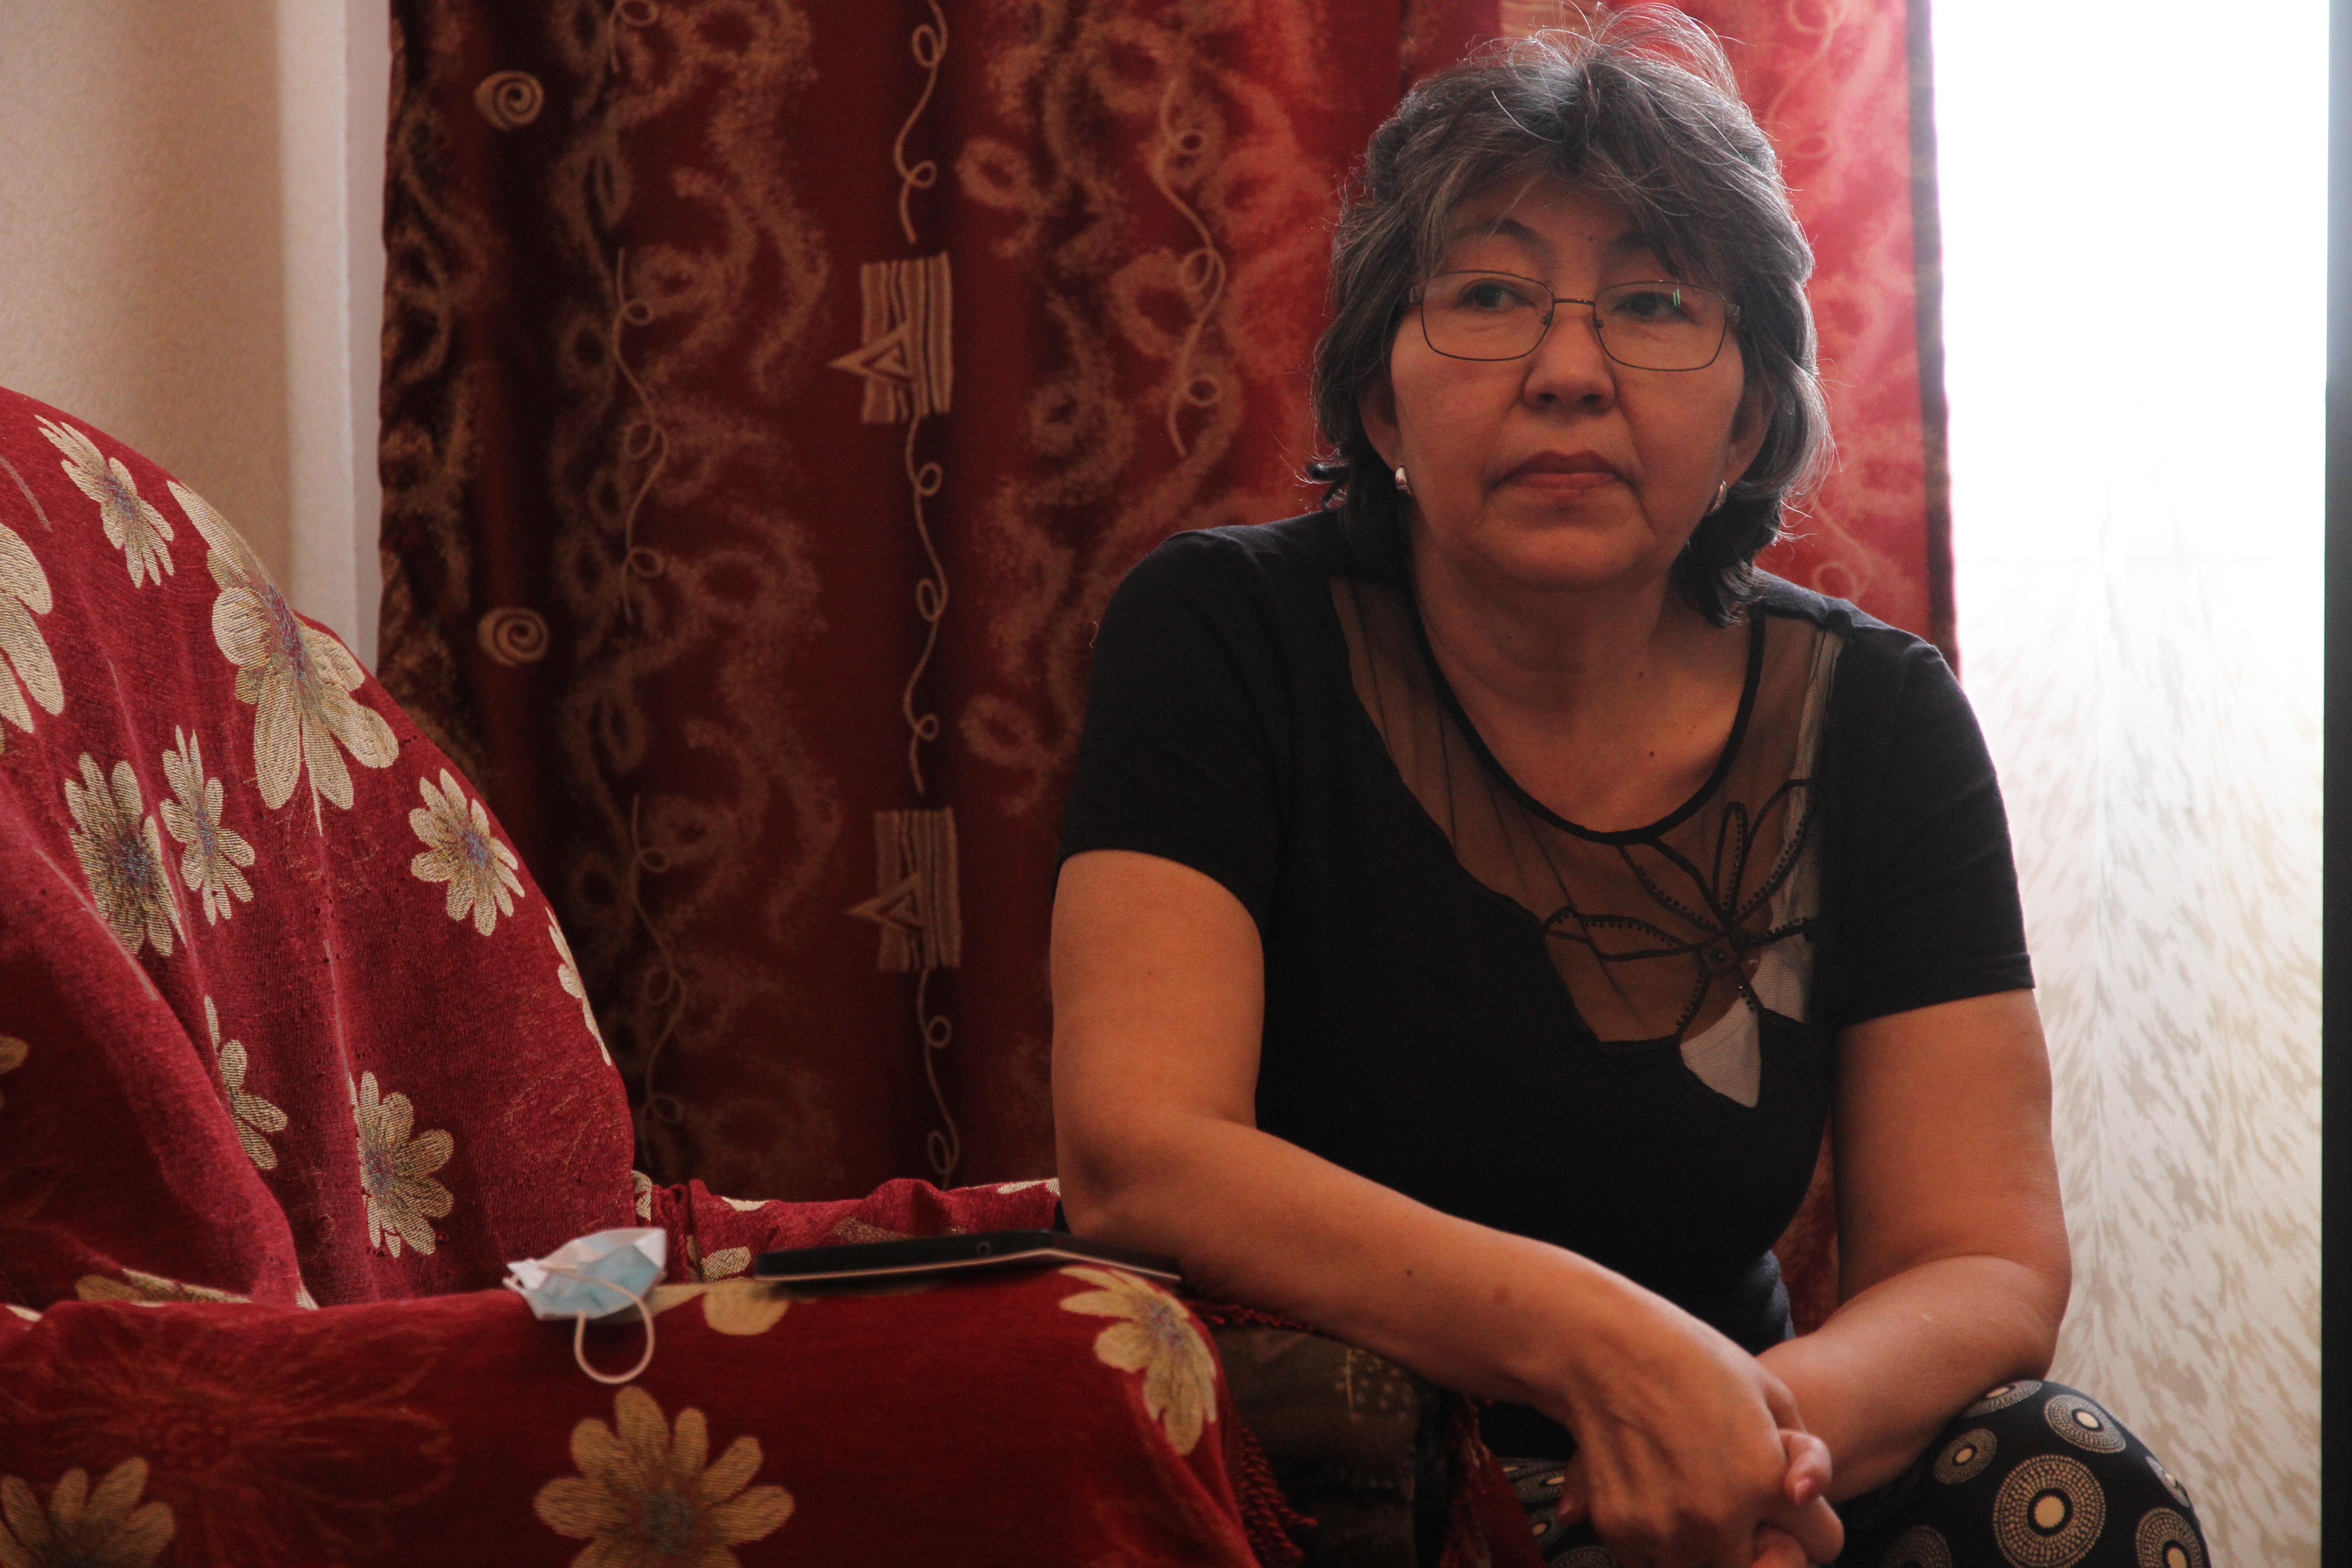 Http://знакомства.секс отношения.казахстан.уральск в Белокурихе,Промышленной